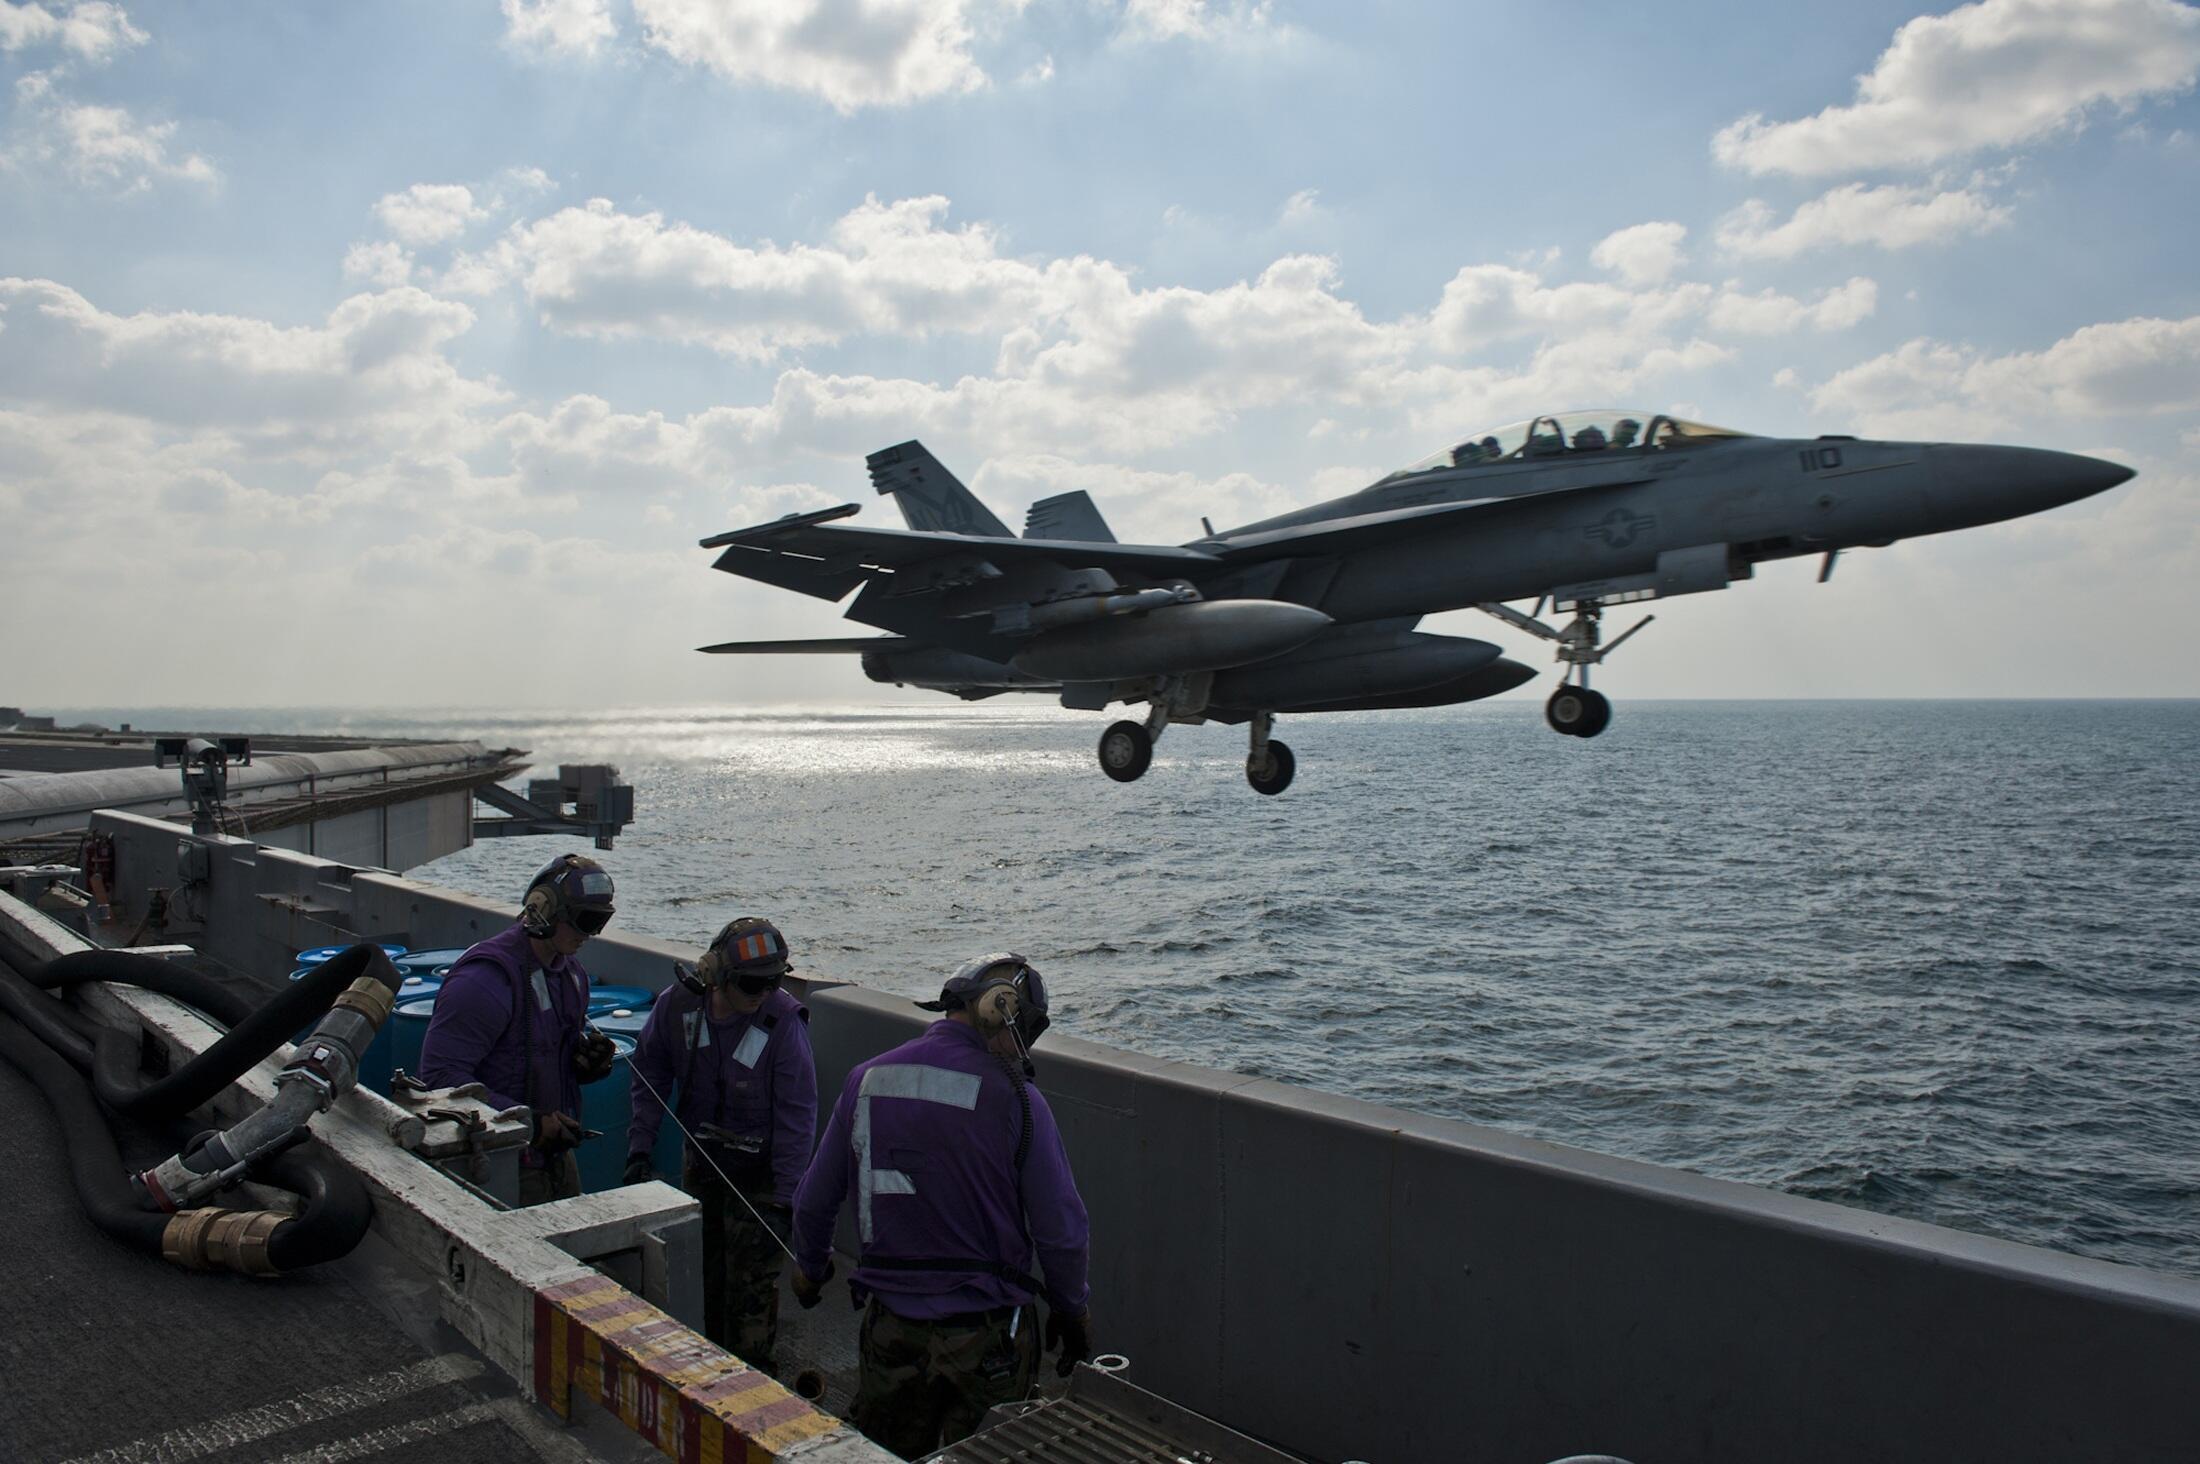 Tiêm kích F/A-18F cất cánh từ hàng không mẫu hạmUSS John C.Stennis trong cuộc tập trận cuối tháng 11/2011 tại vùng Vịnh